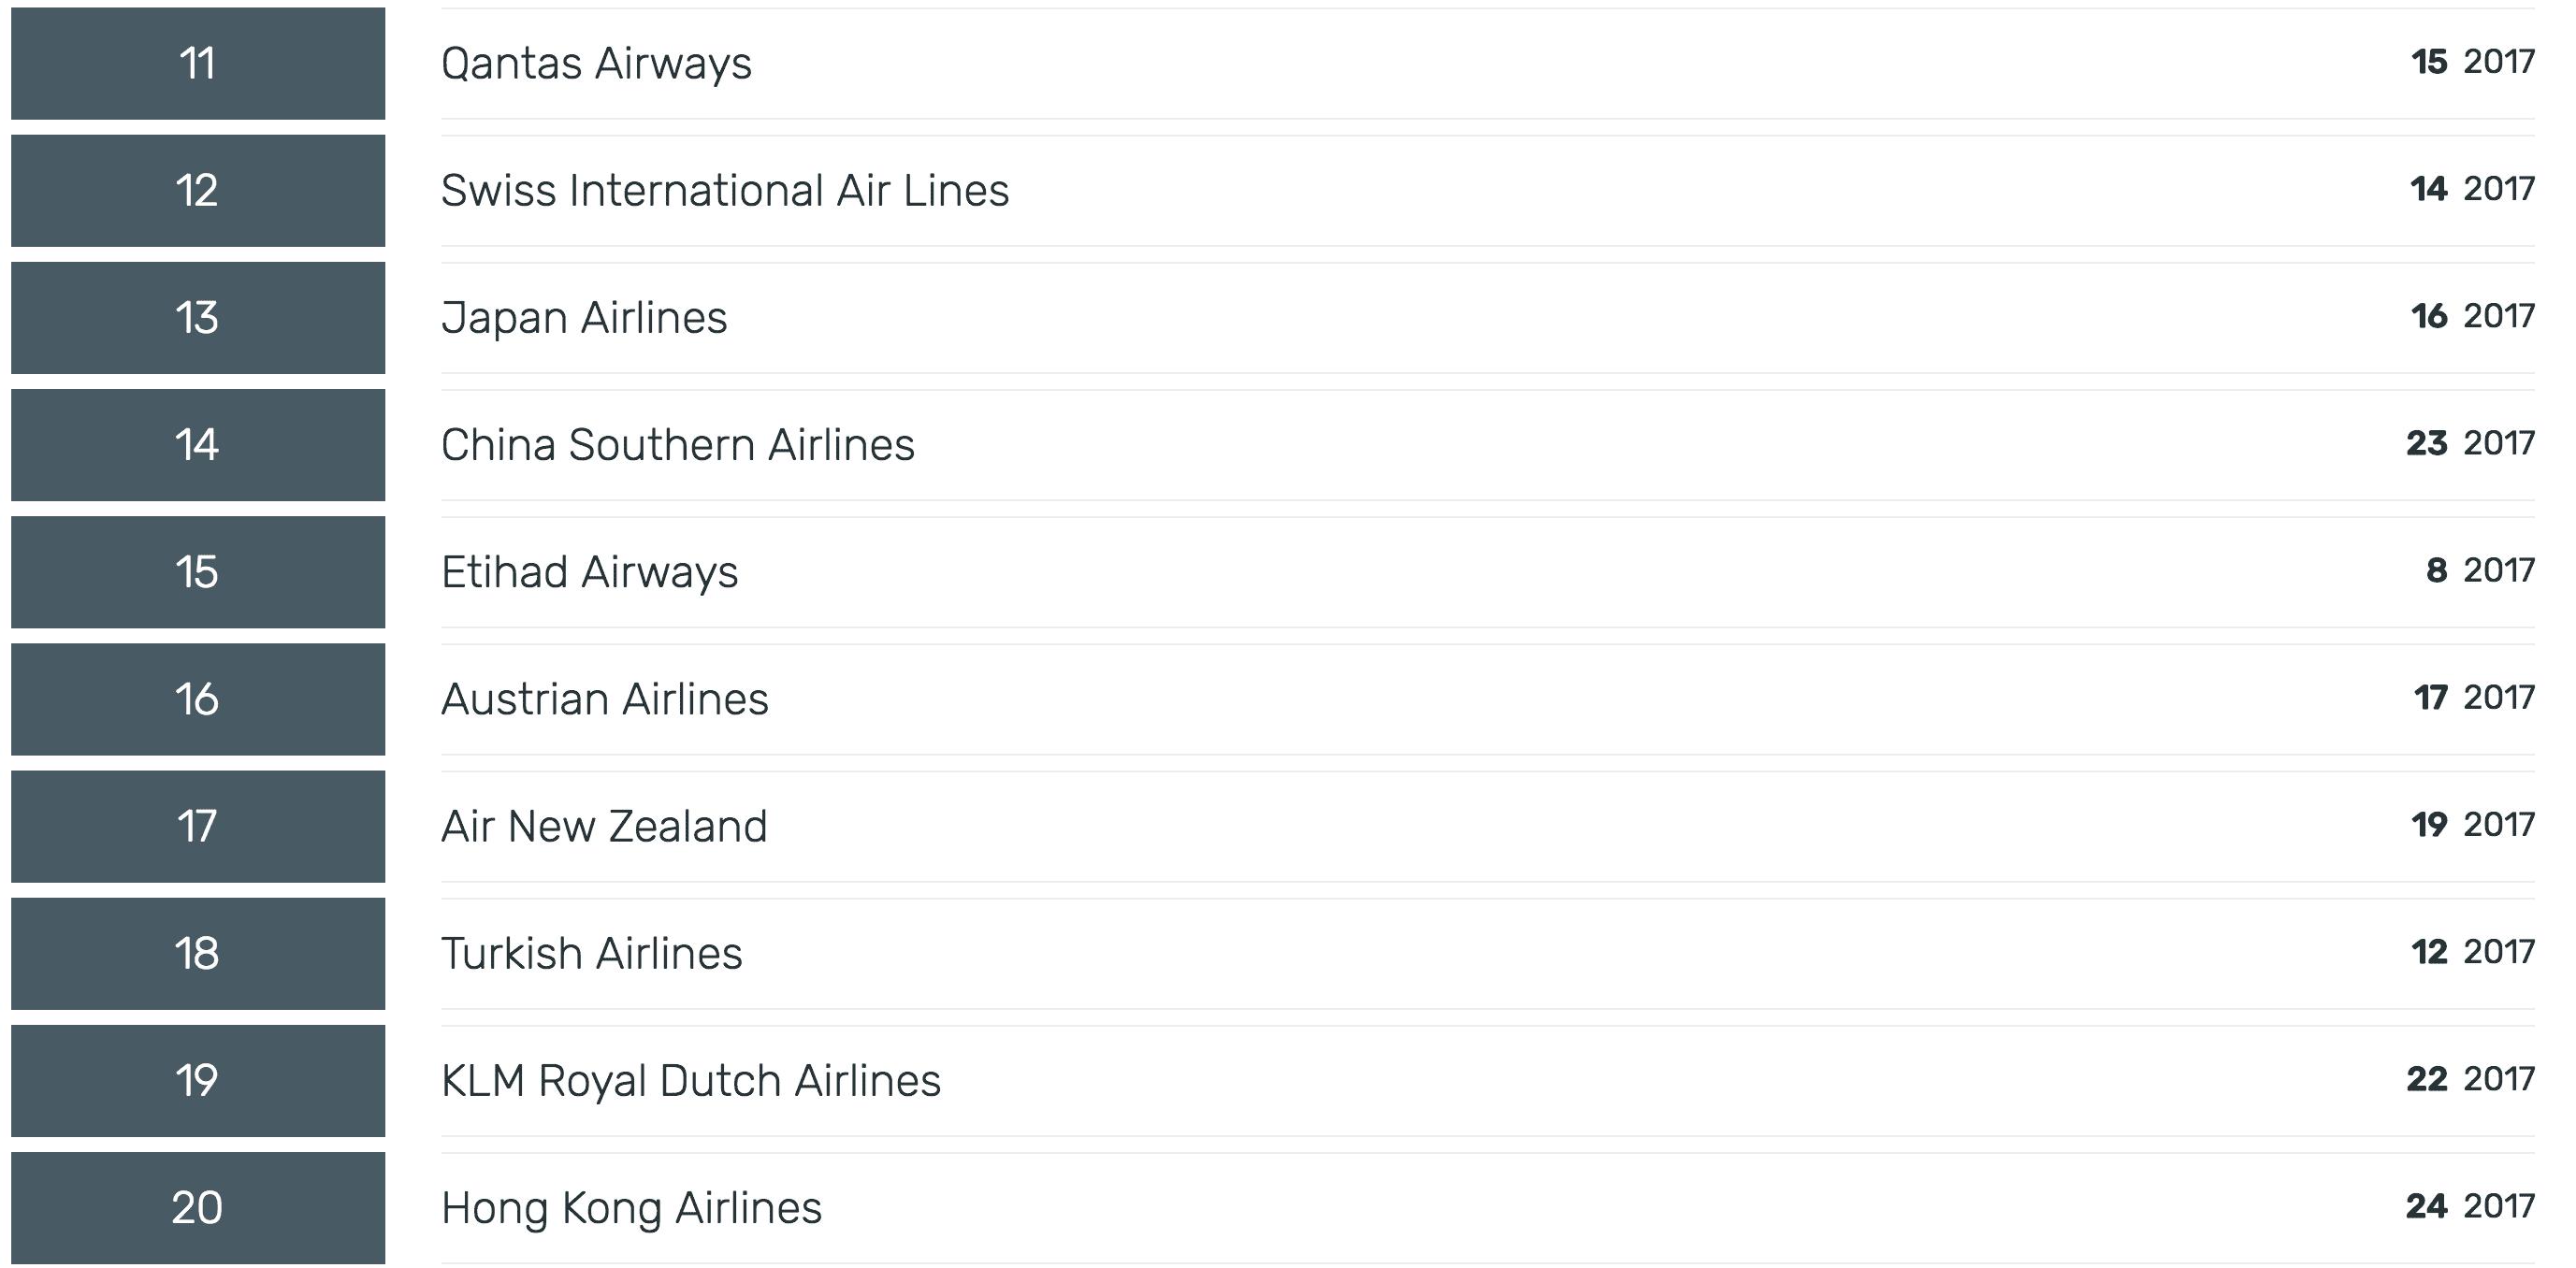 2018航空界奧斯卡排名列表|這是盛事的一年,排序整個洗牌中~skytrax 2018評比百大航空公司~